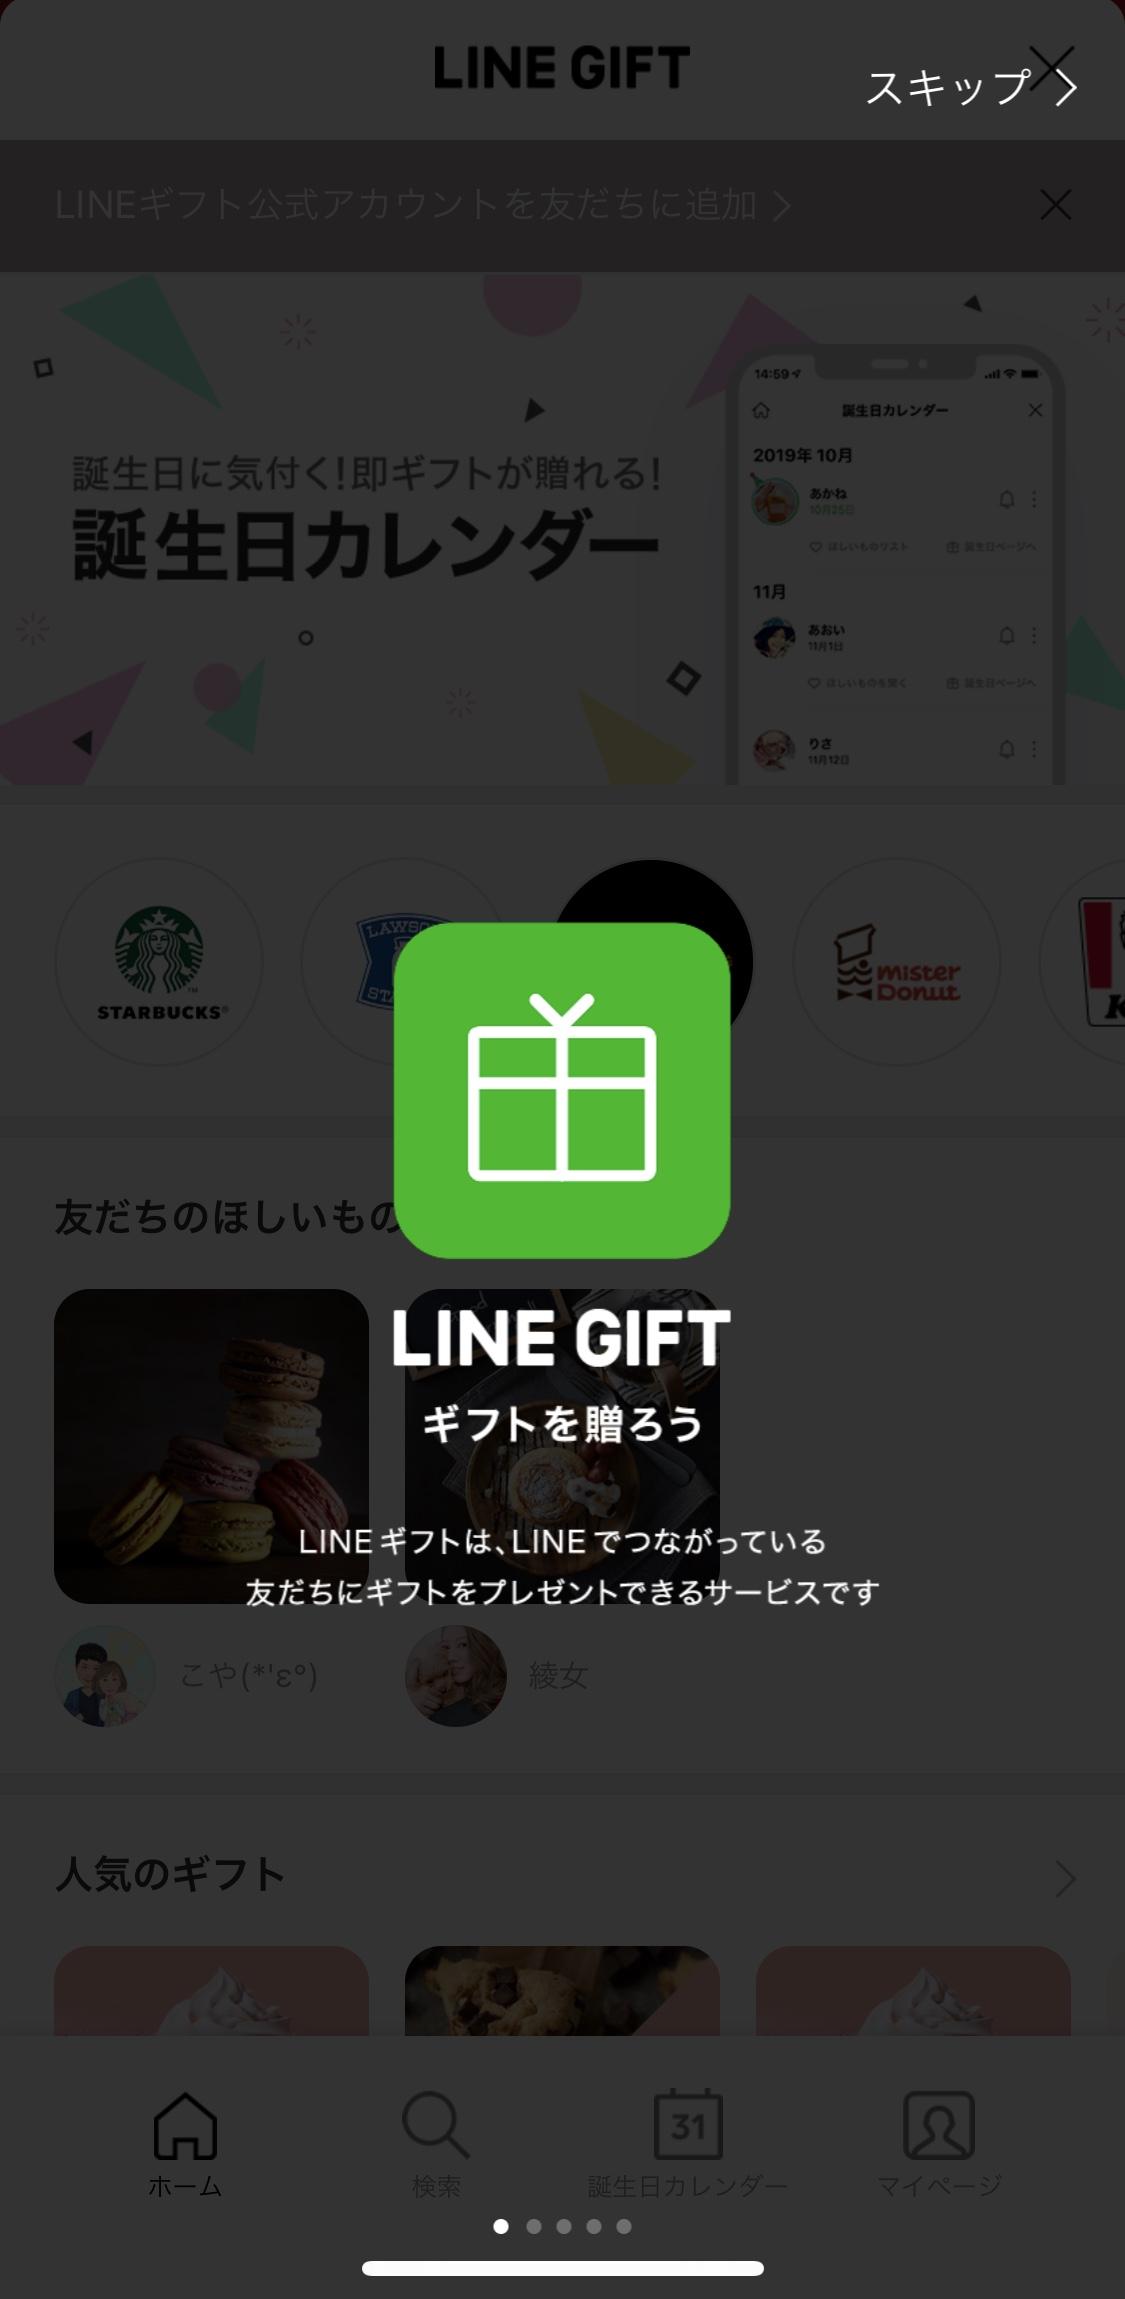 ギフト line